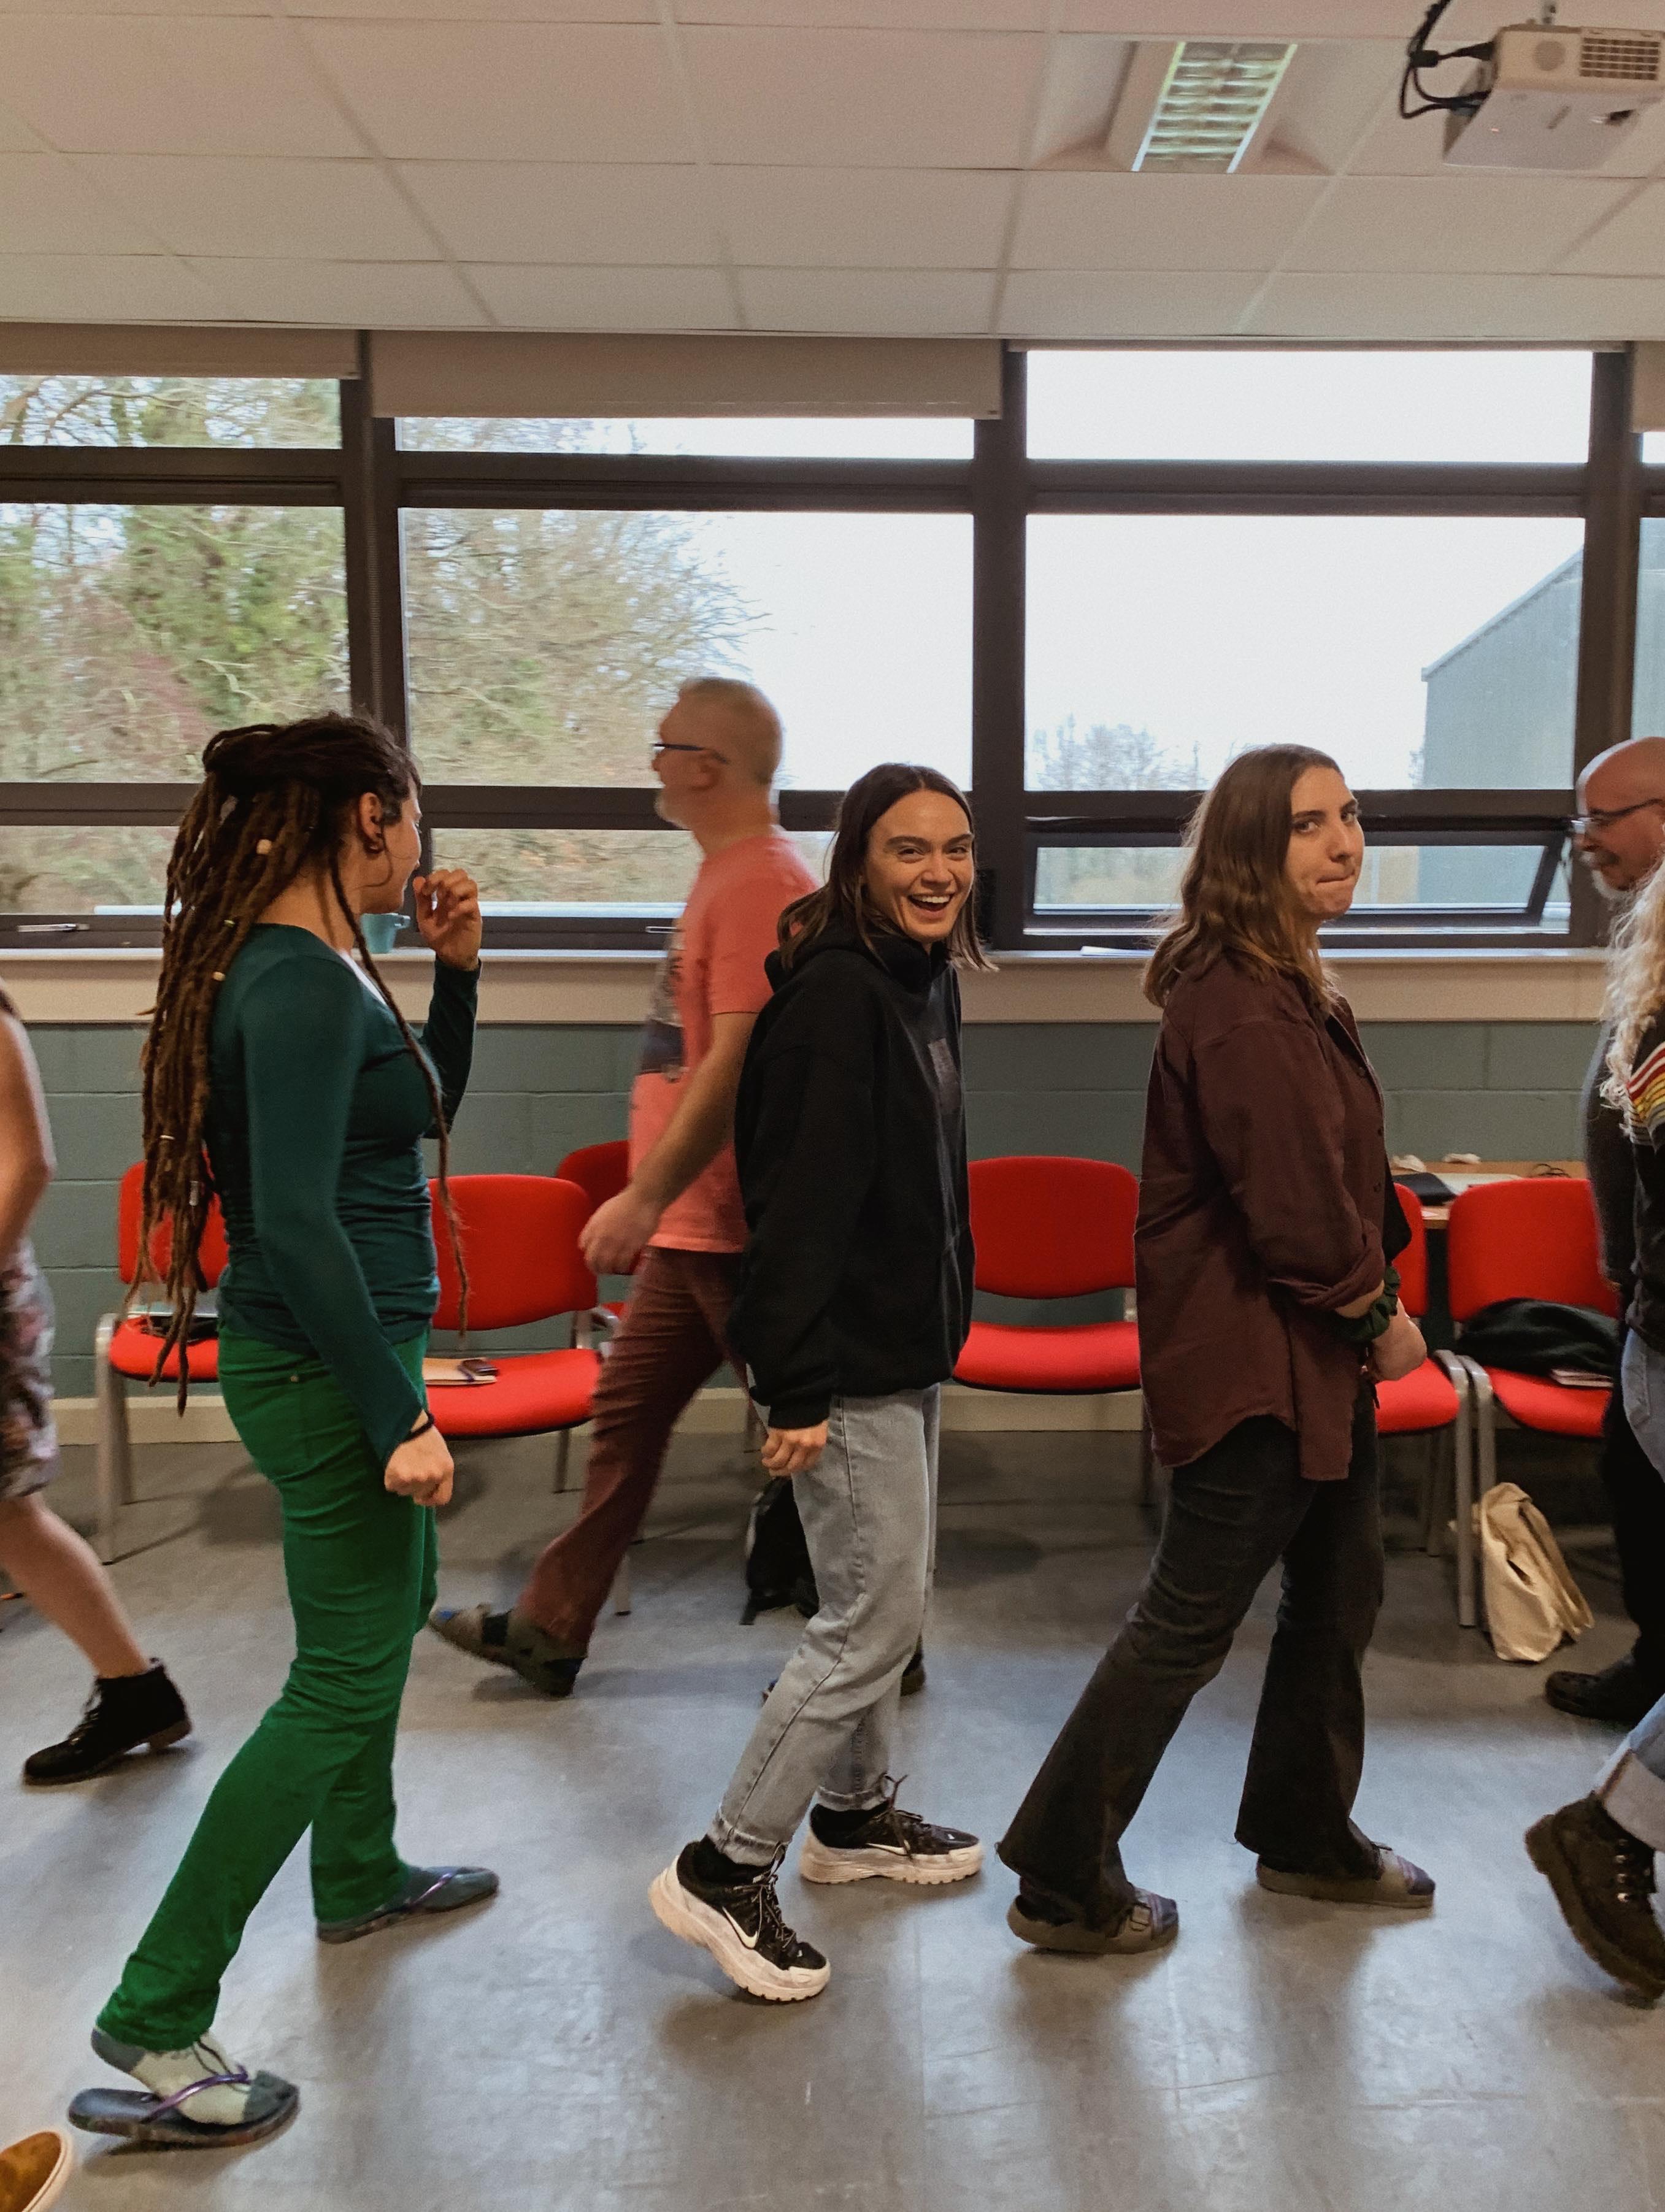 koolitus training course nyh iirimaa ireland eesti erasmus game